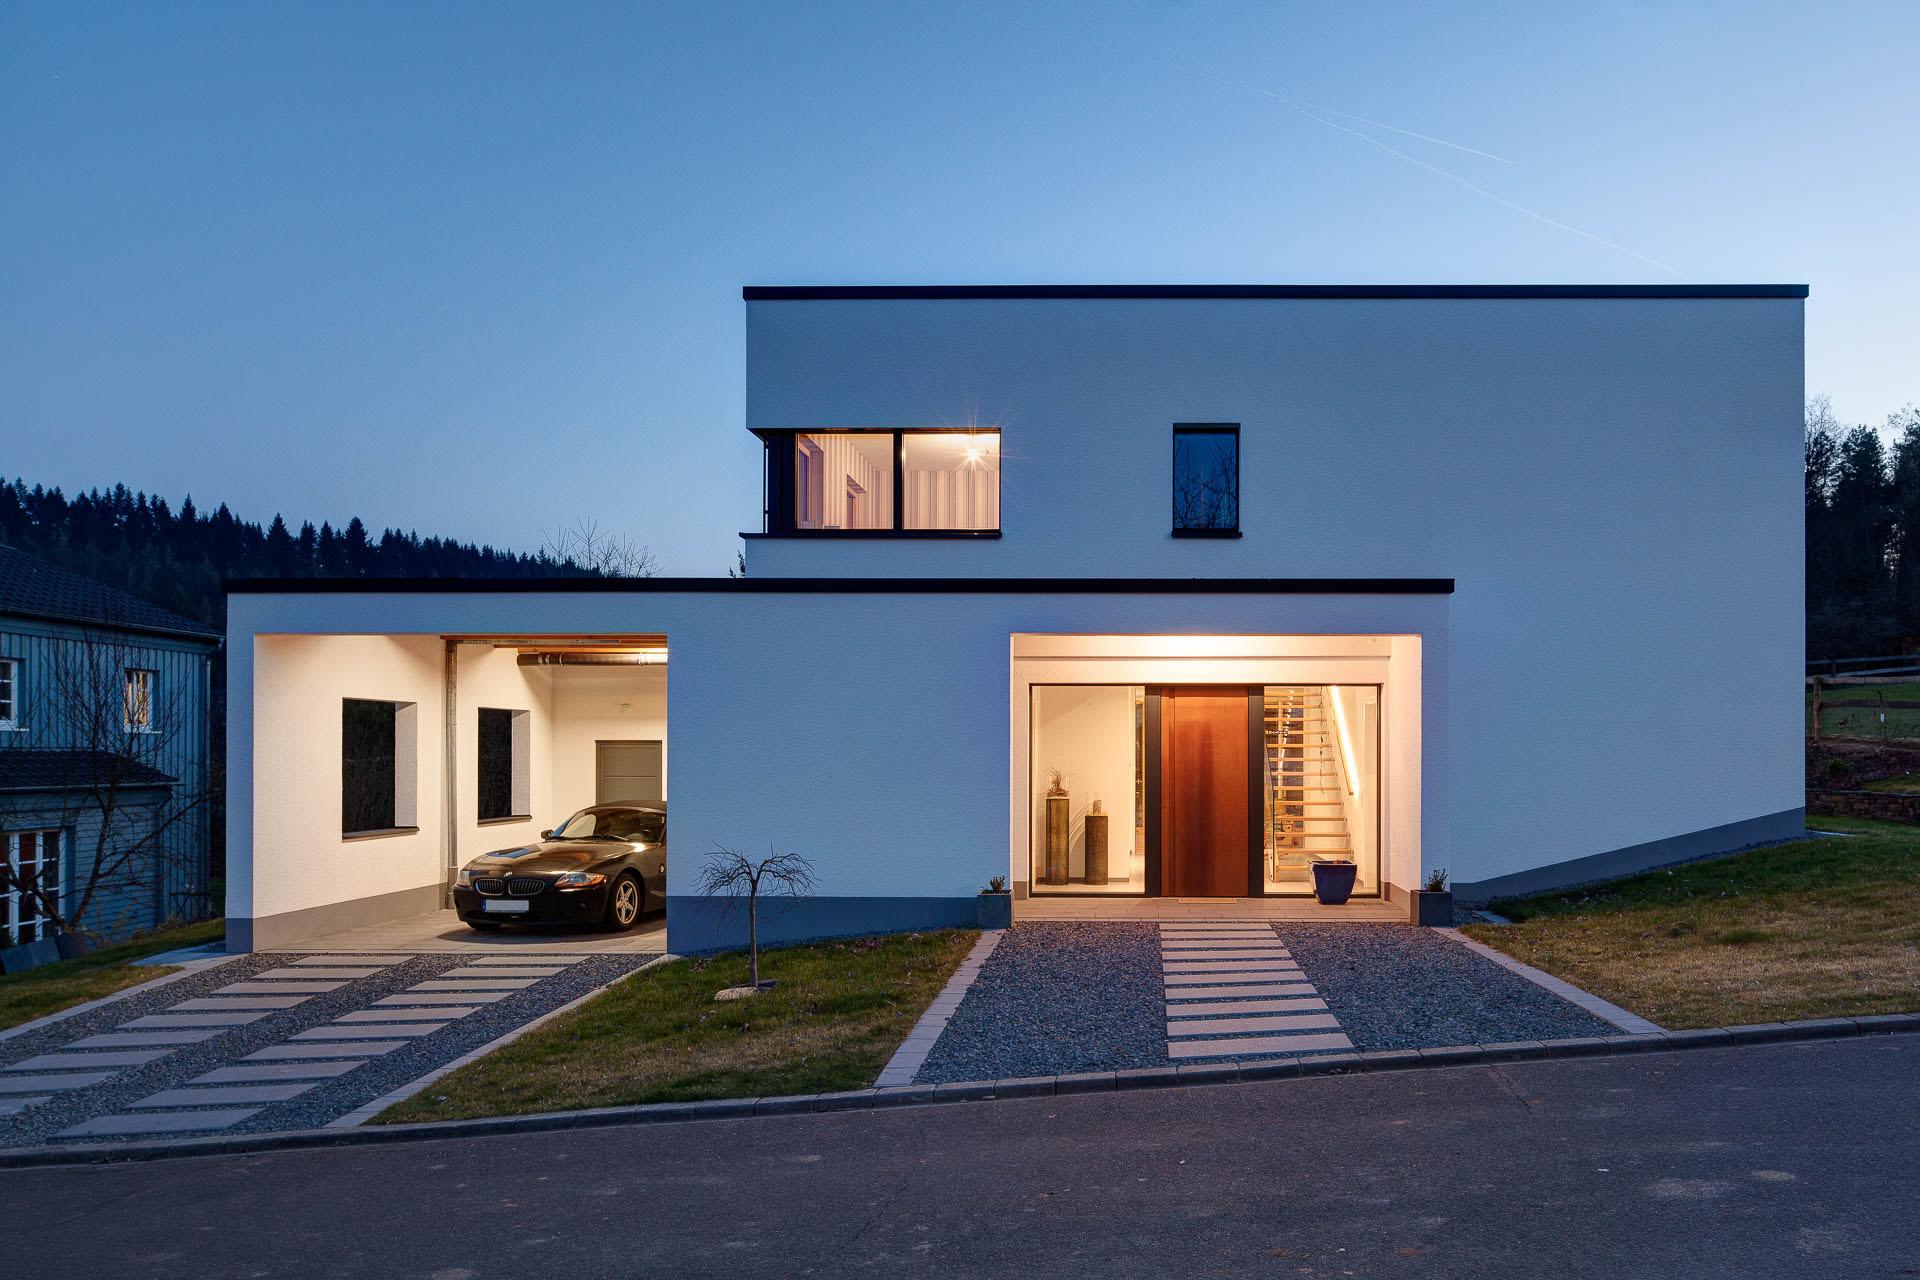 Modernes passivhaus f r eine familie dirk wilhelmy for Moderne innenarchitektur einfamilienhaus